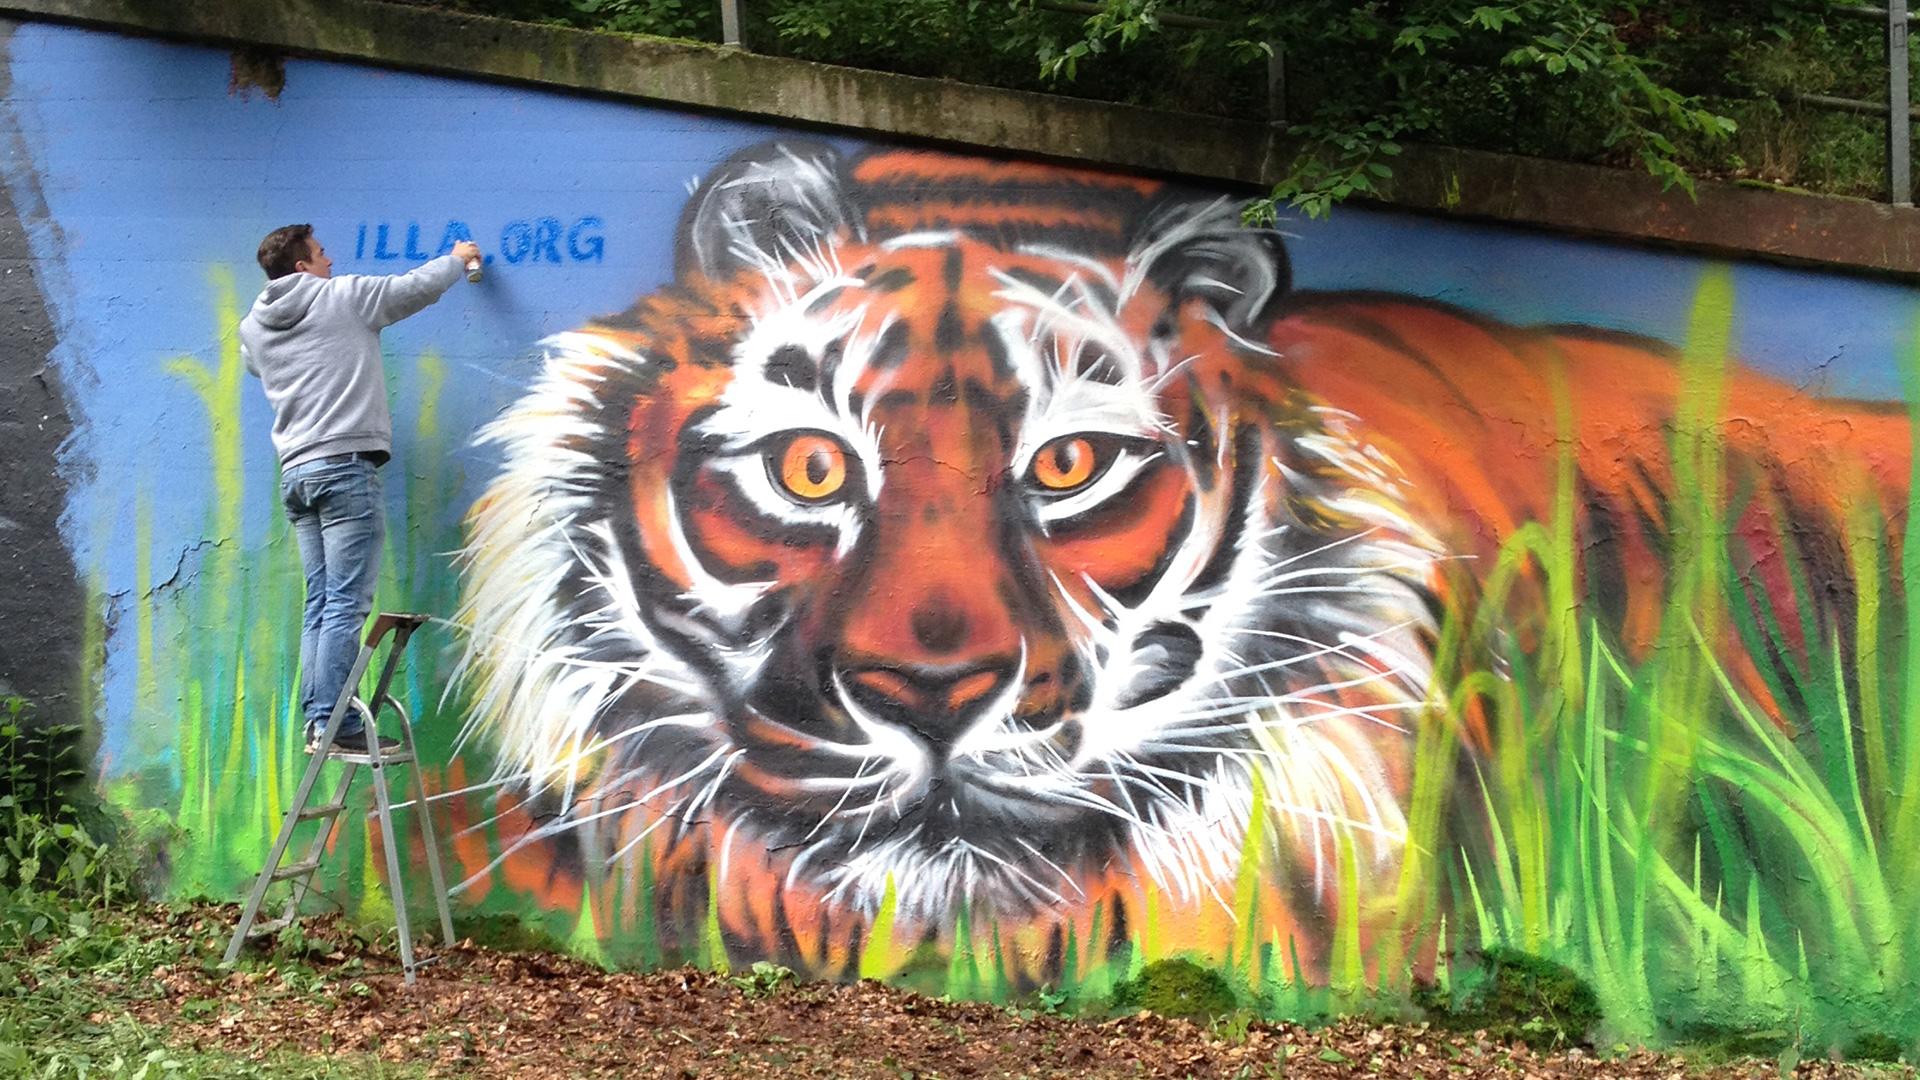 brozilla-graffiti-page-09